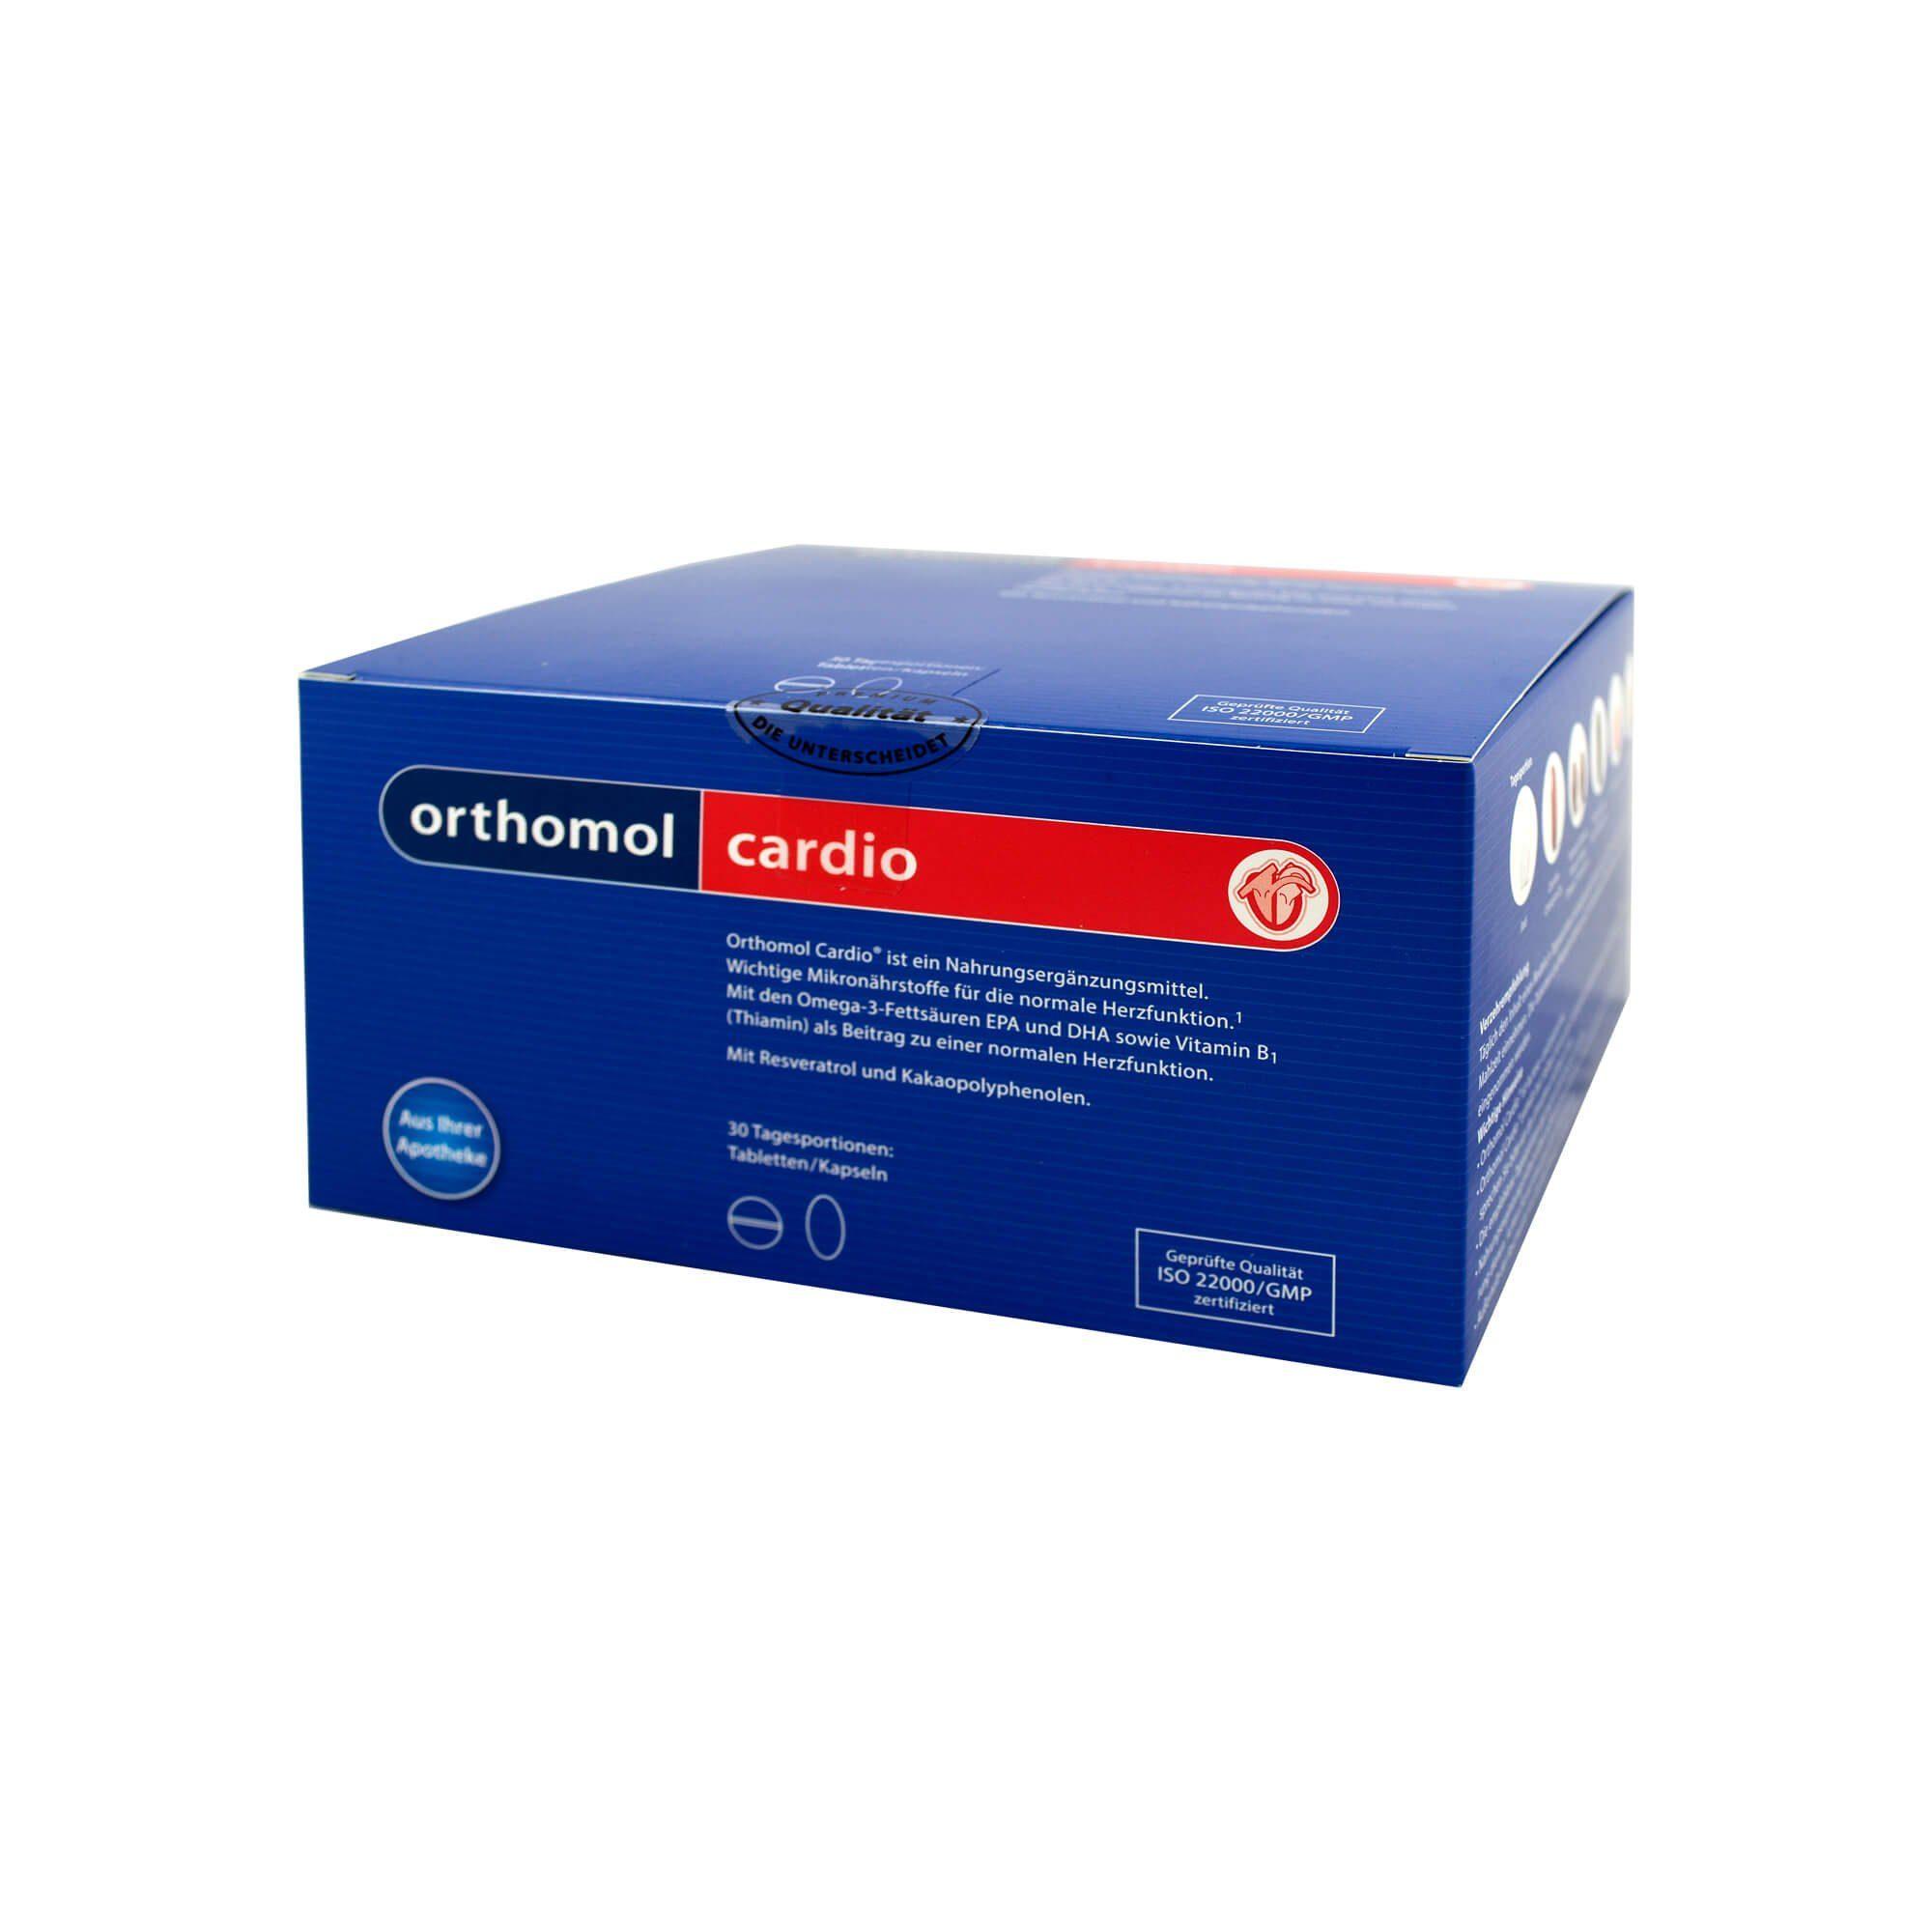 Orthomol Cardio Tabletten + Kapseln, 1 St